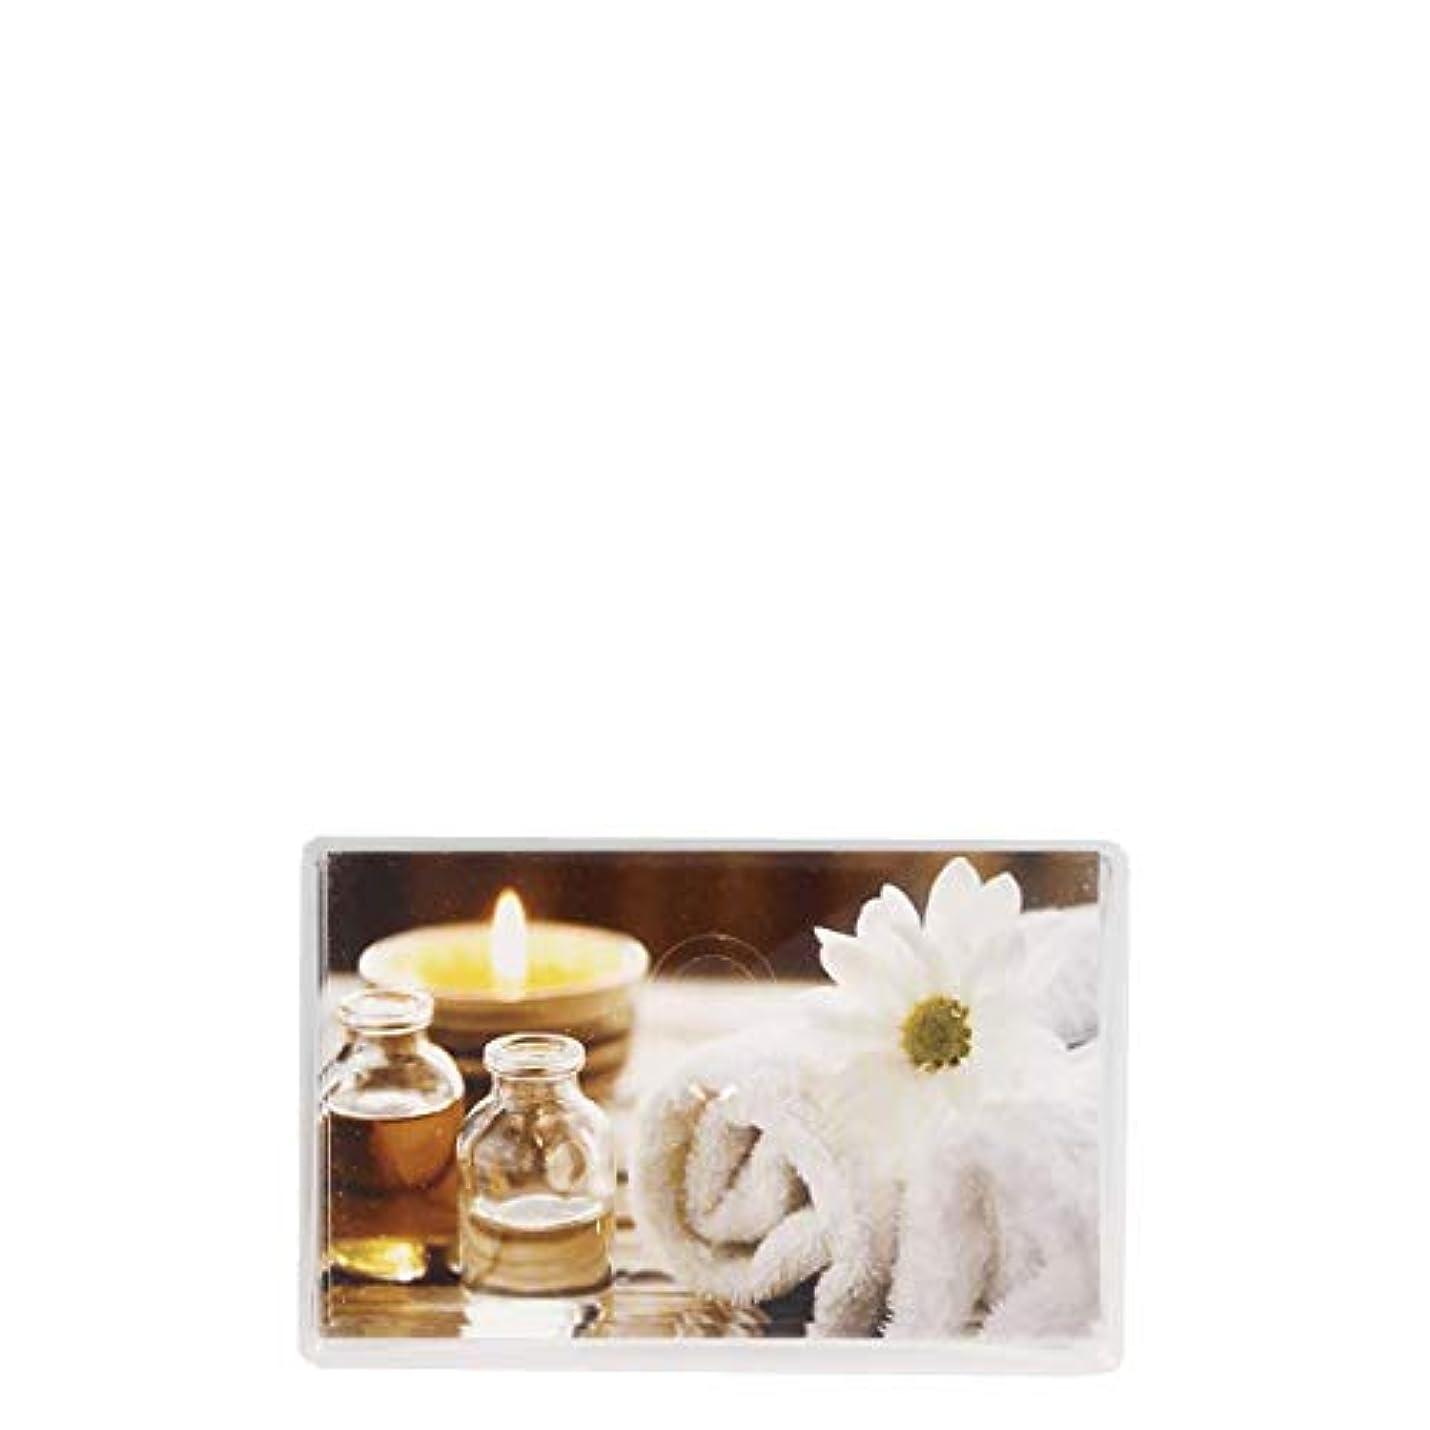 インフラ可愛いインターネットアポイントメントカード Appointment cards- AP5B BEAUTY DAISY CARDS x100[海外直送品] [並行輸入品]